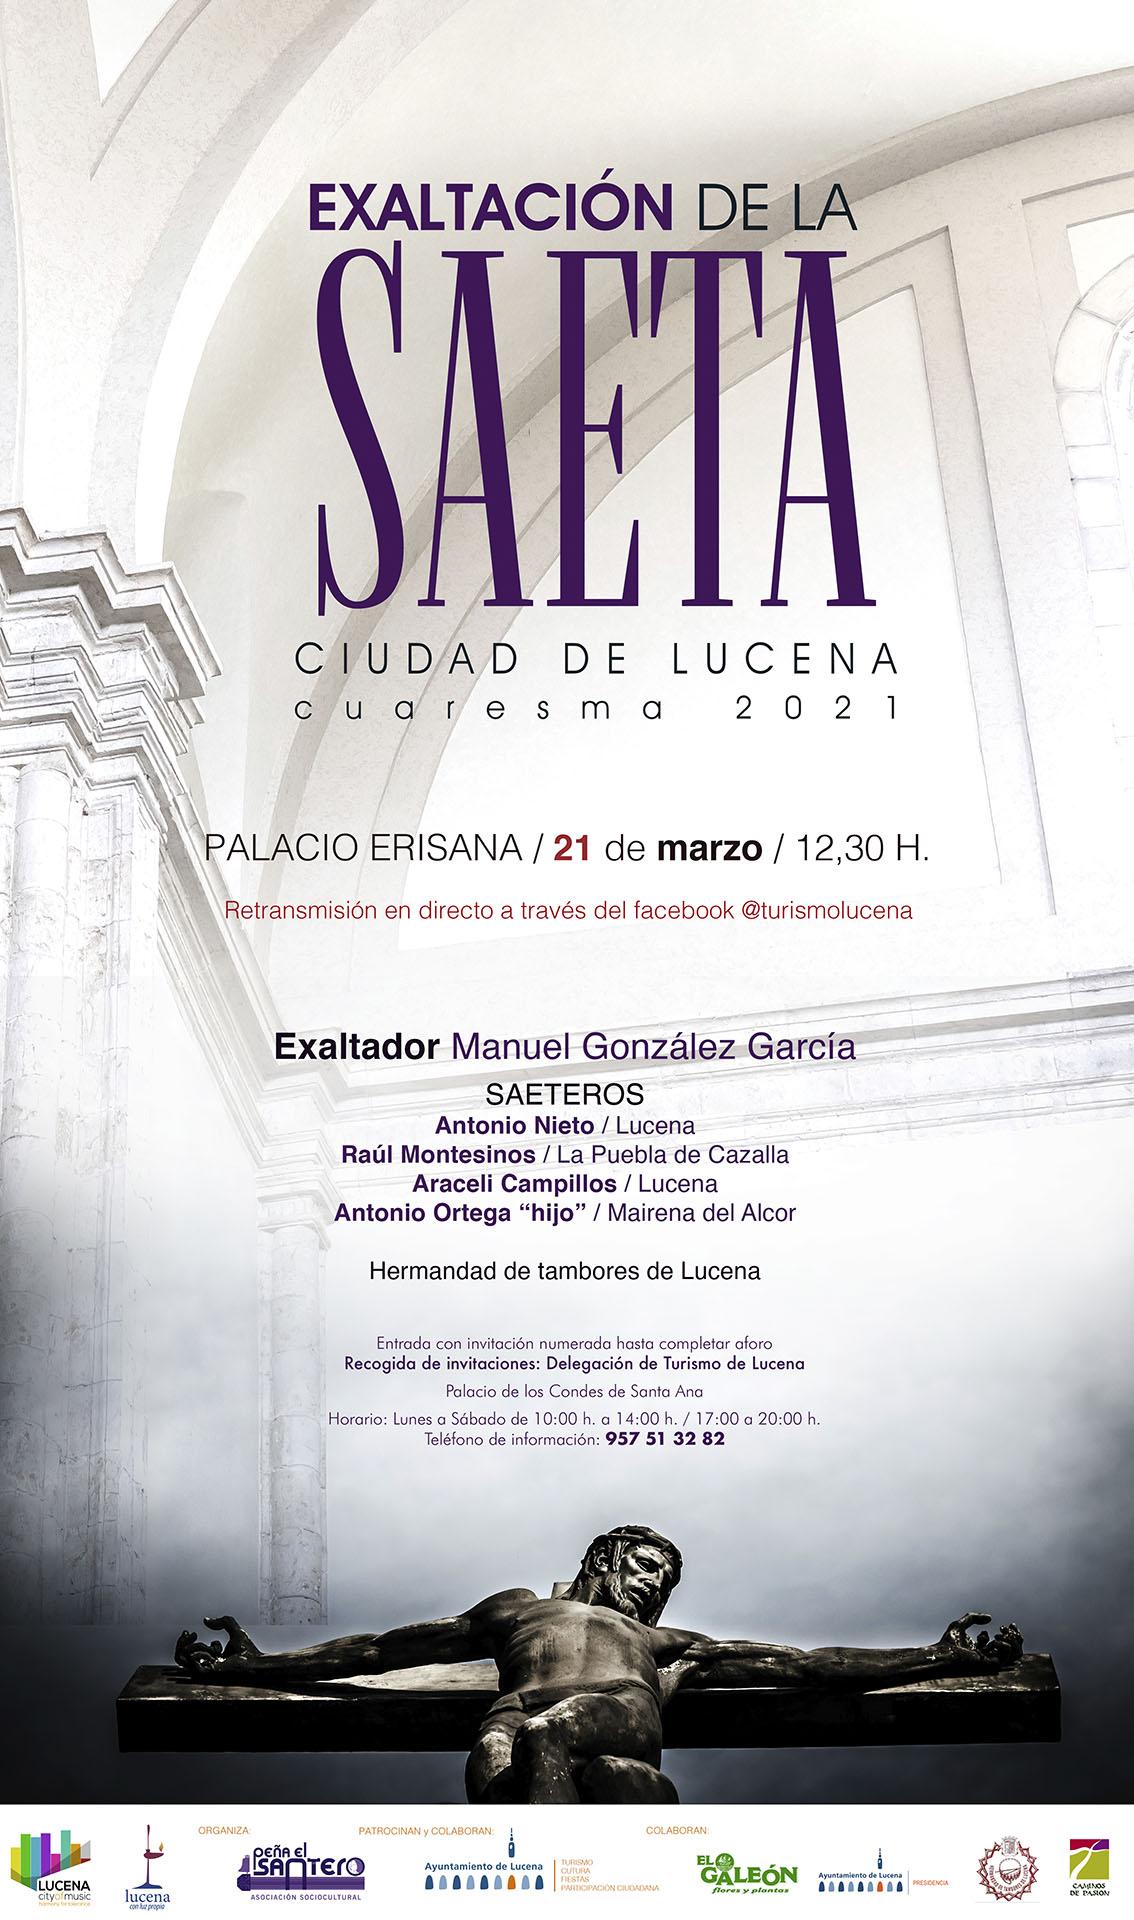 """Exaltación de la saeta """"Ciudad de Lucena"""" @ Palacio Erisana"""